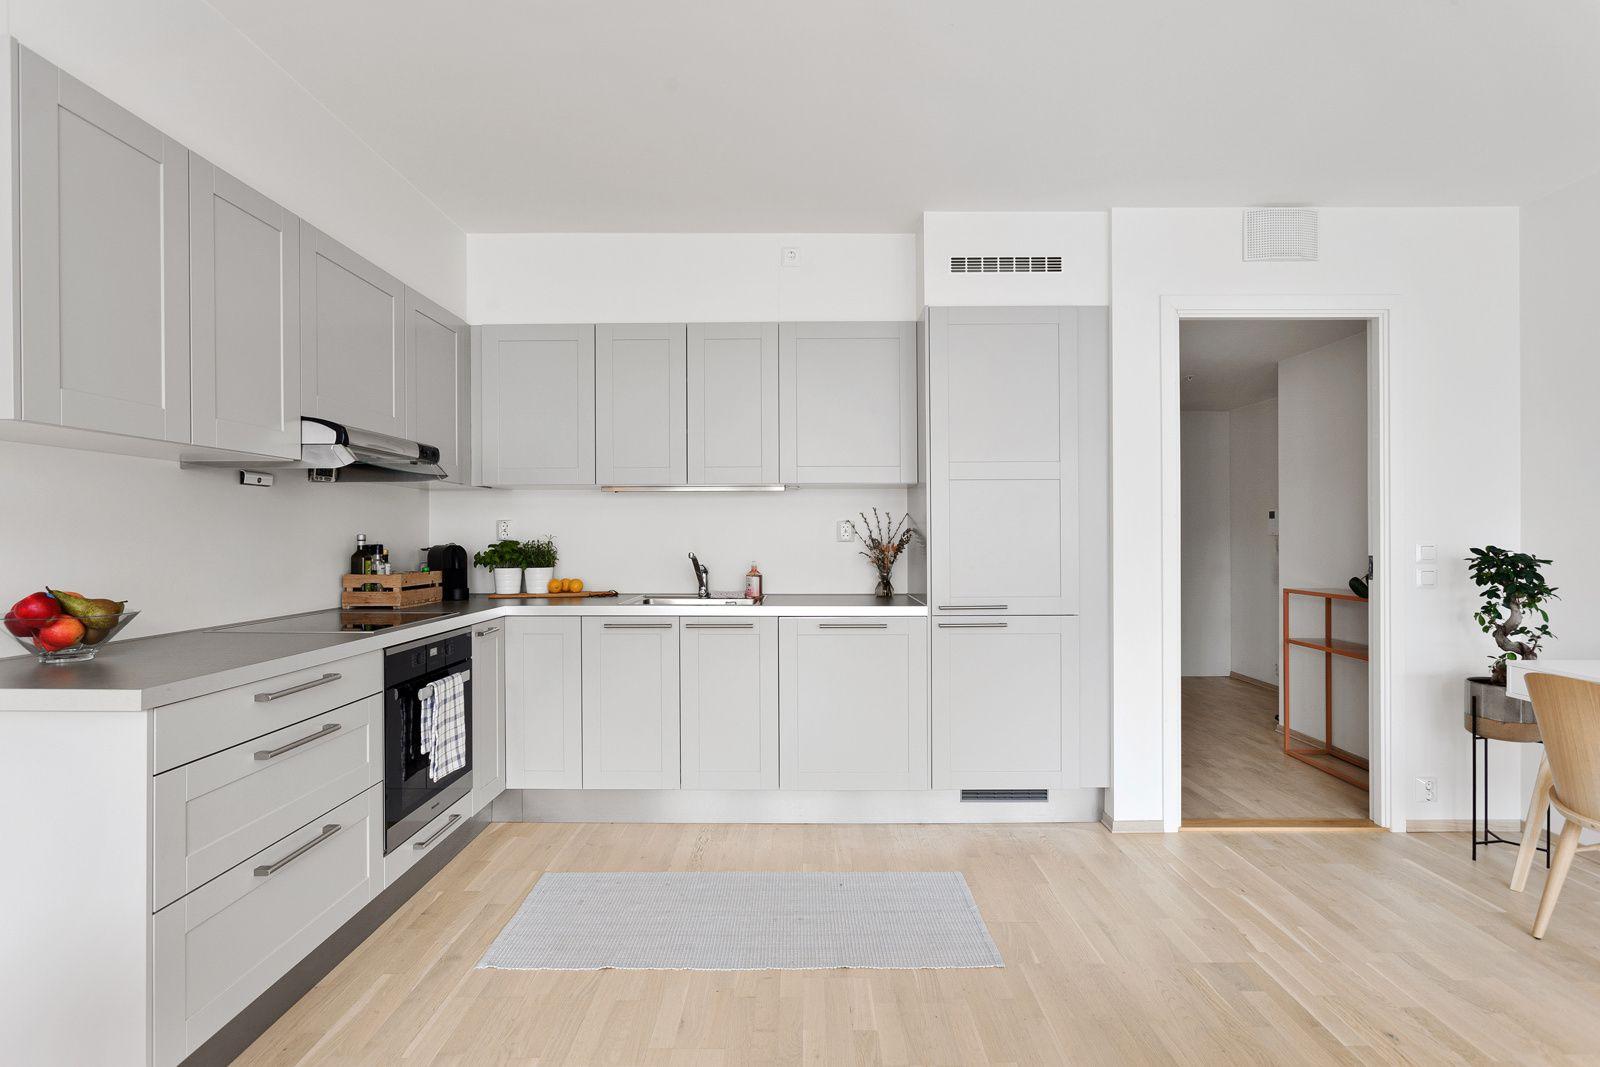 Kanalveien 4 Integrerte hvitevarer fra Miele: kjøleskap med fryser, oppvaskmaskin, stekeovn og induksjonstopp.